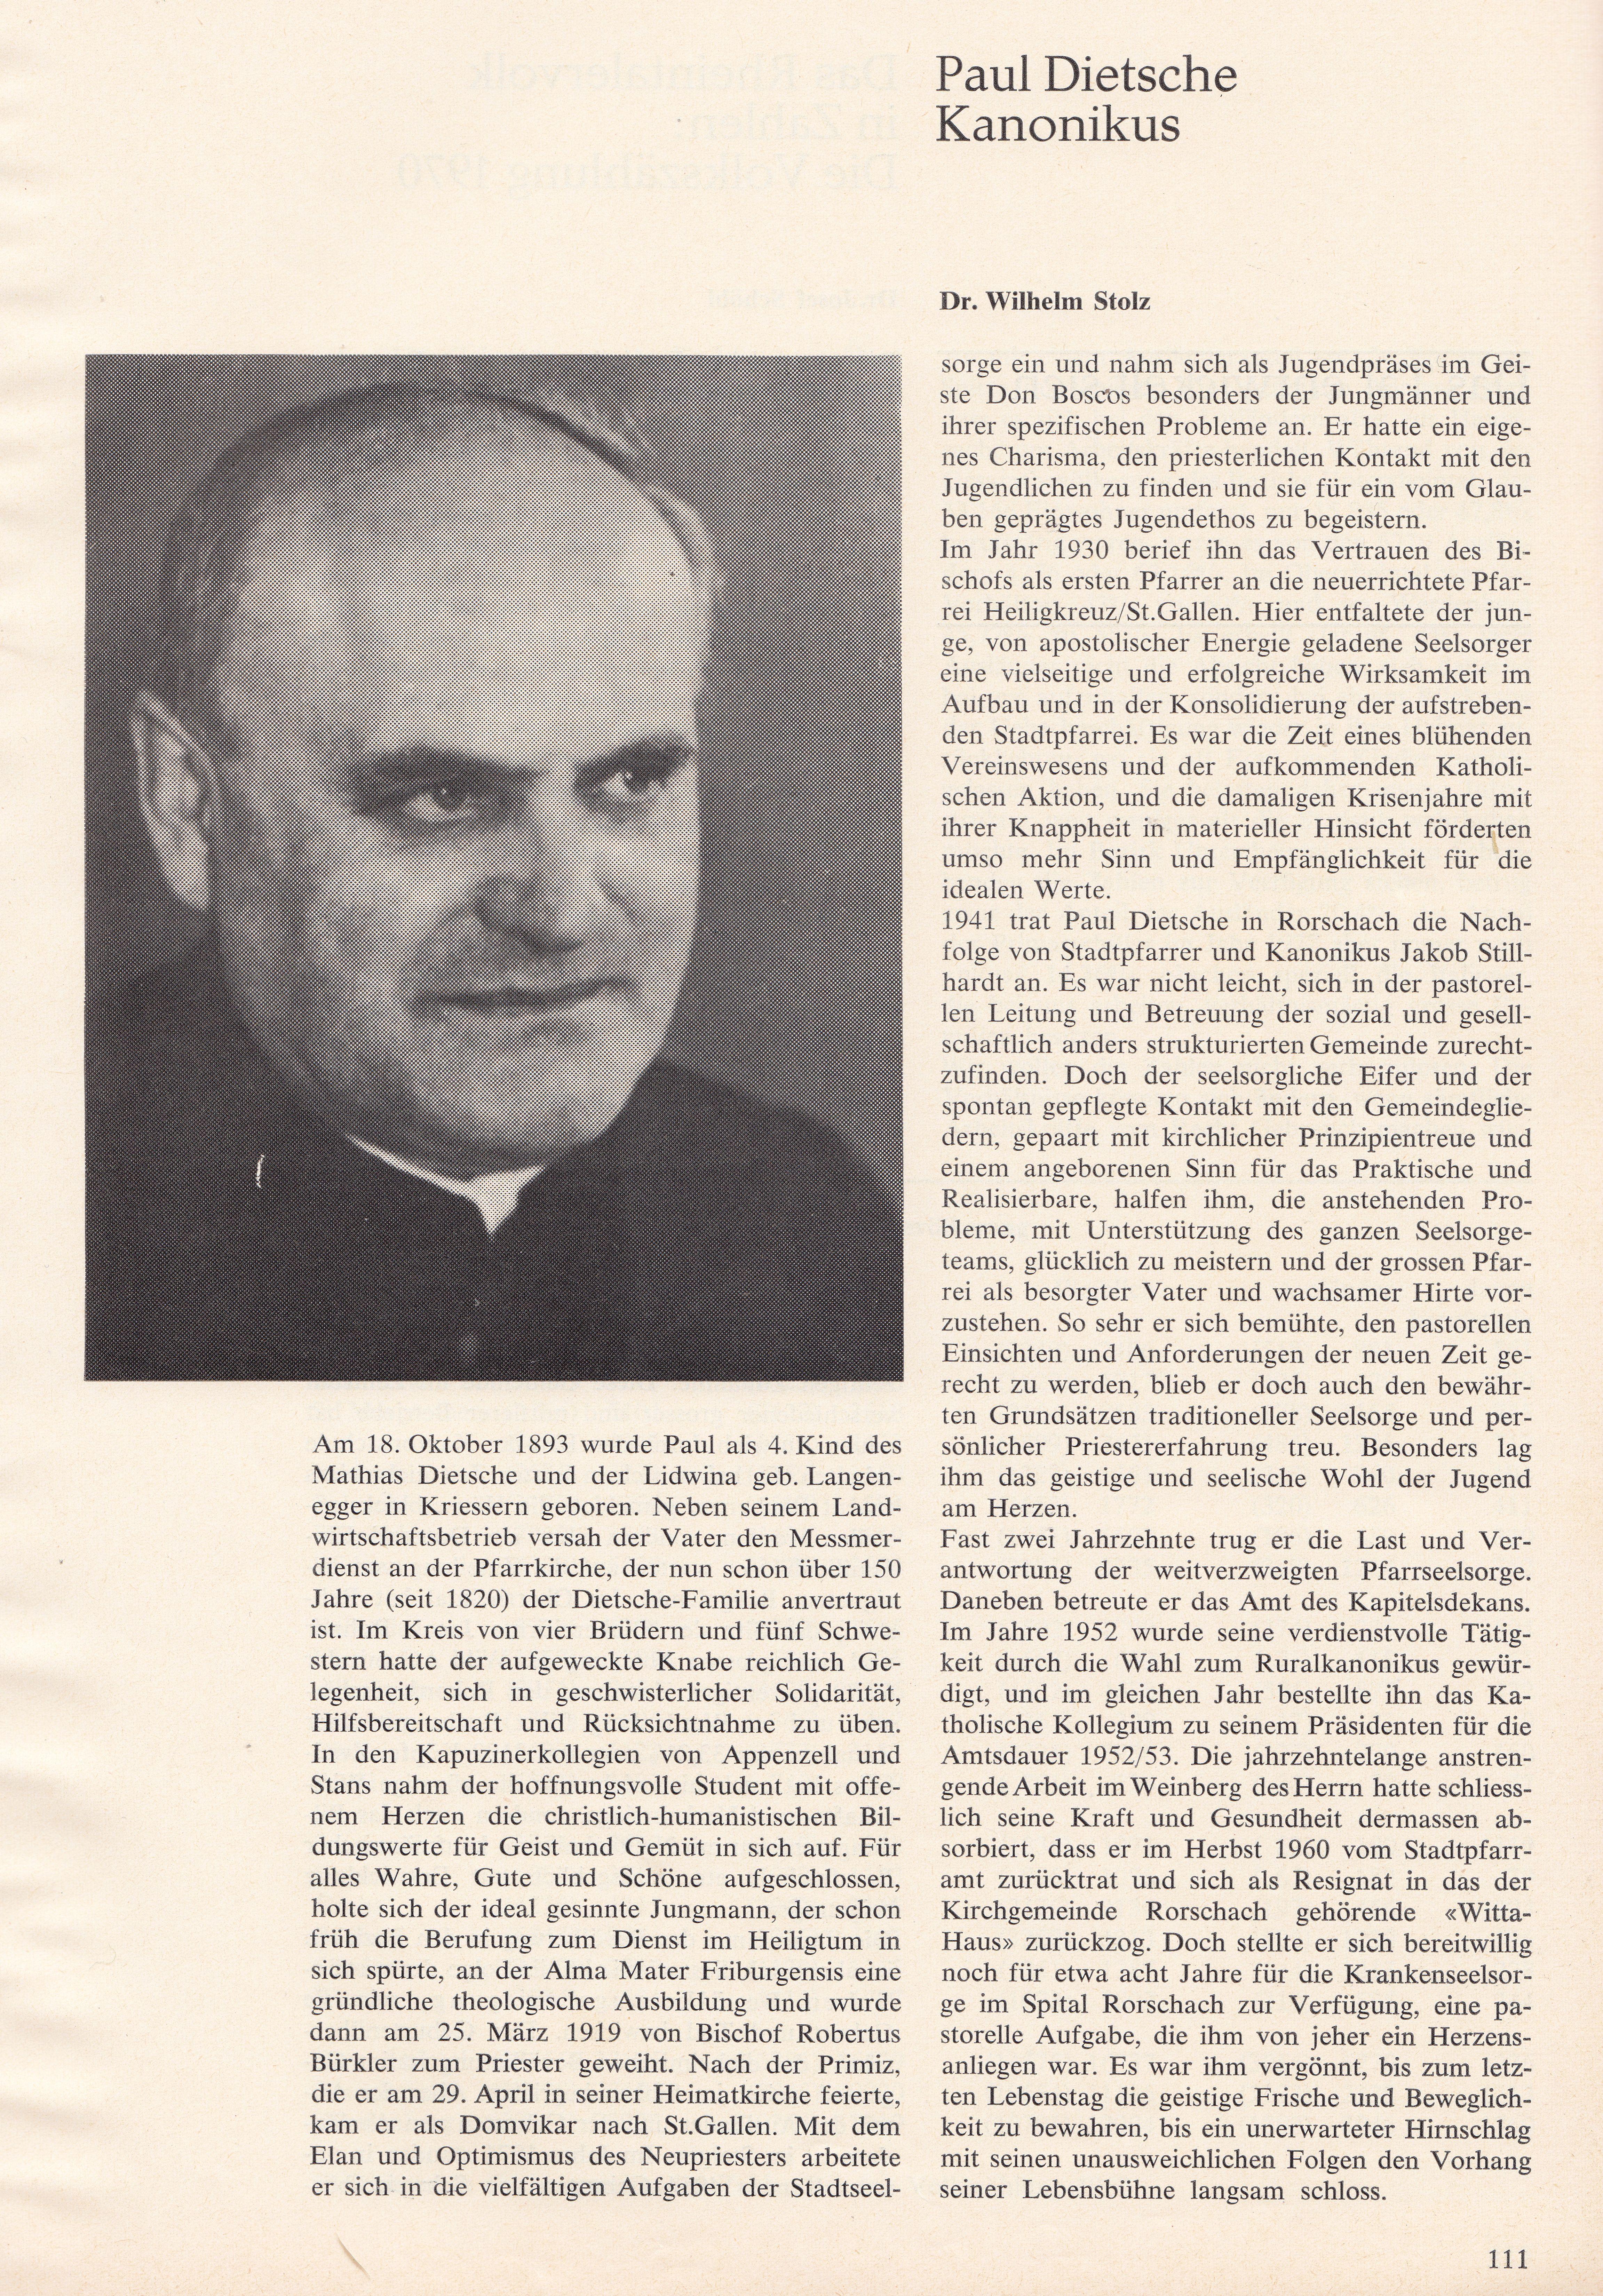 Paul Dietsche (1893-1972)